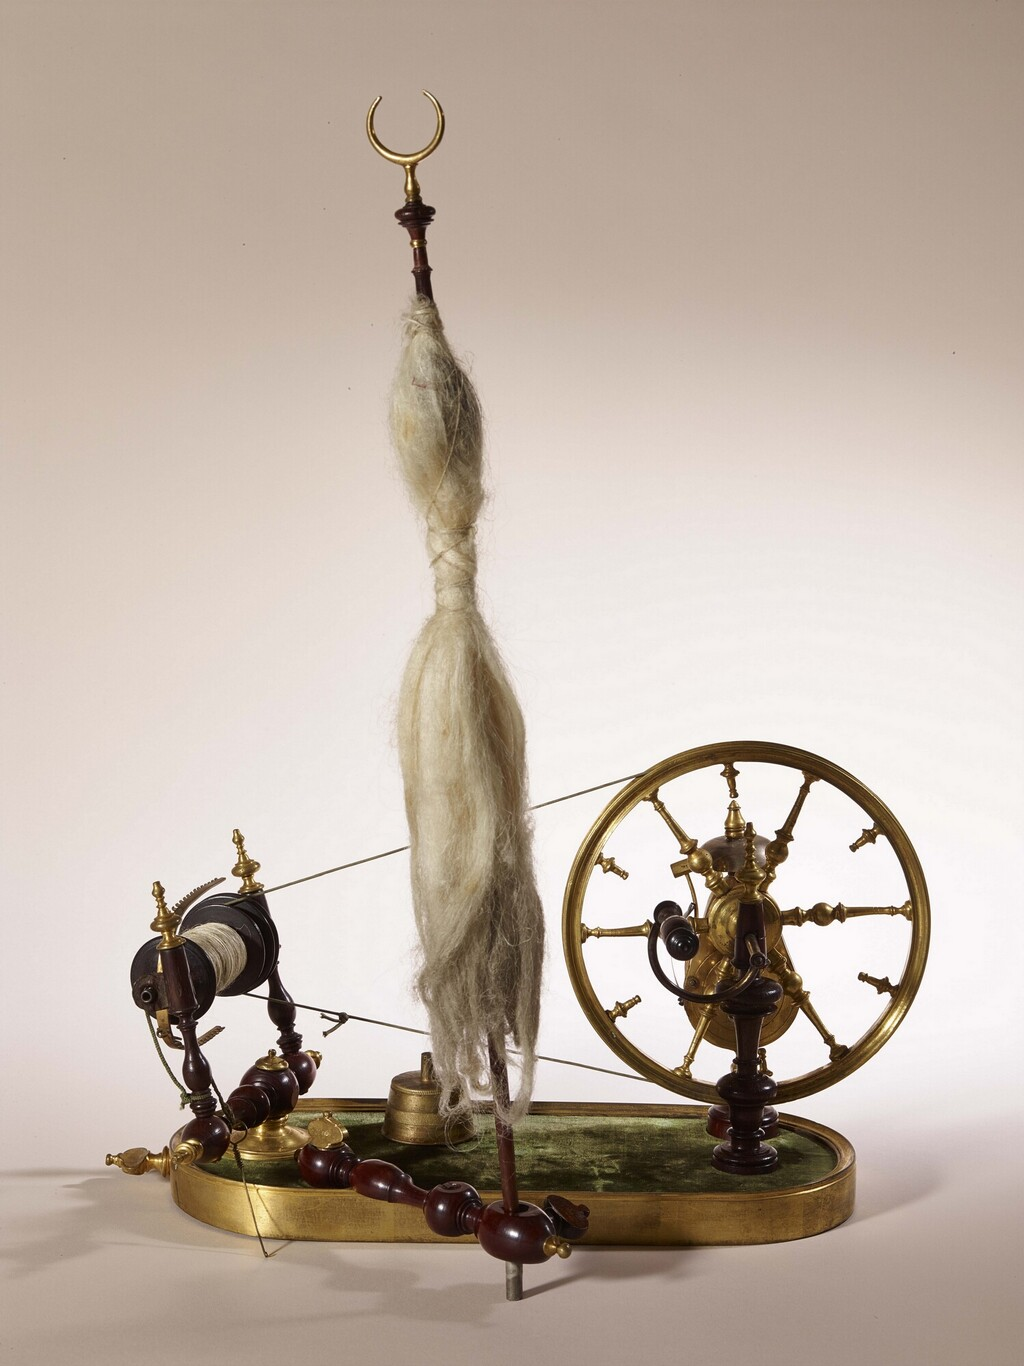 Un rouet ayant appartenu à Marie-Antoinette ? Les rouets au XVIIIe siècle Rouet_10